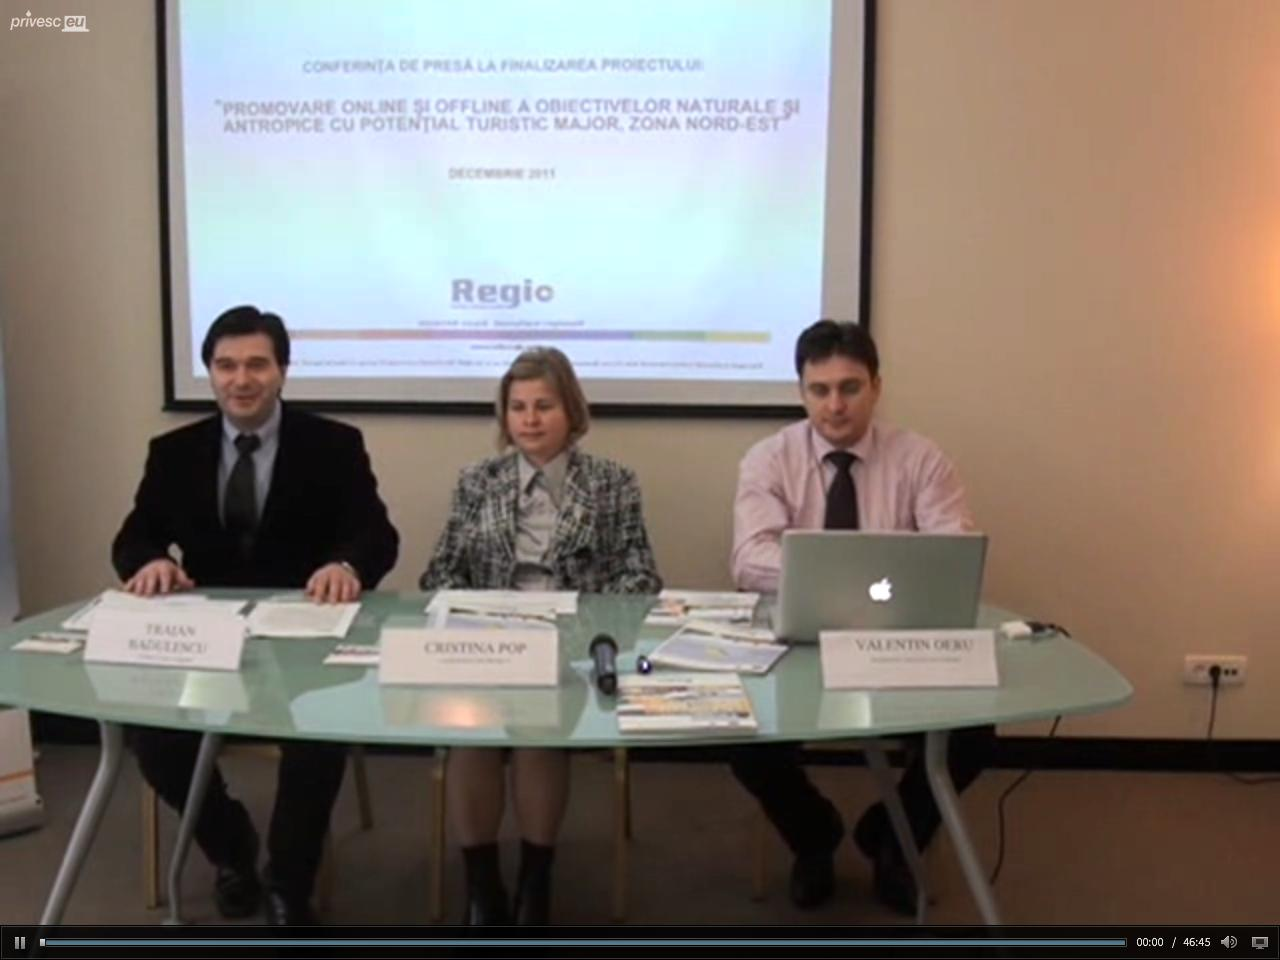 """Conferinţa de presă cu tema """"Promovarea online şi offline a obiectivelor naturale şi antropice cu potenţial turistic major, zona Nord-Est"""""""